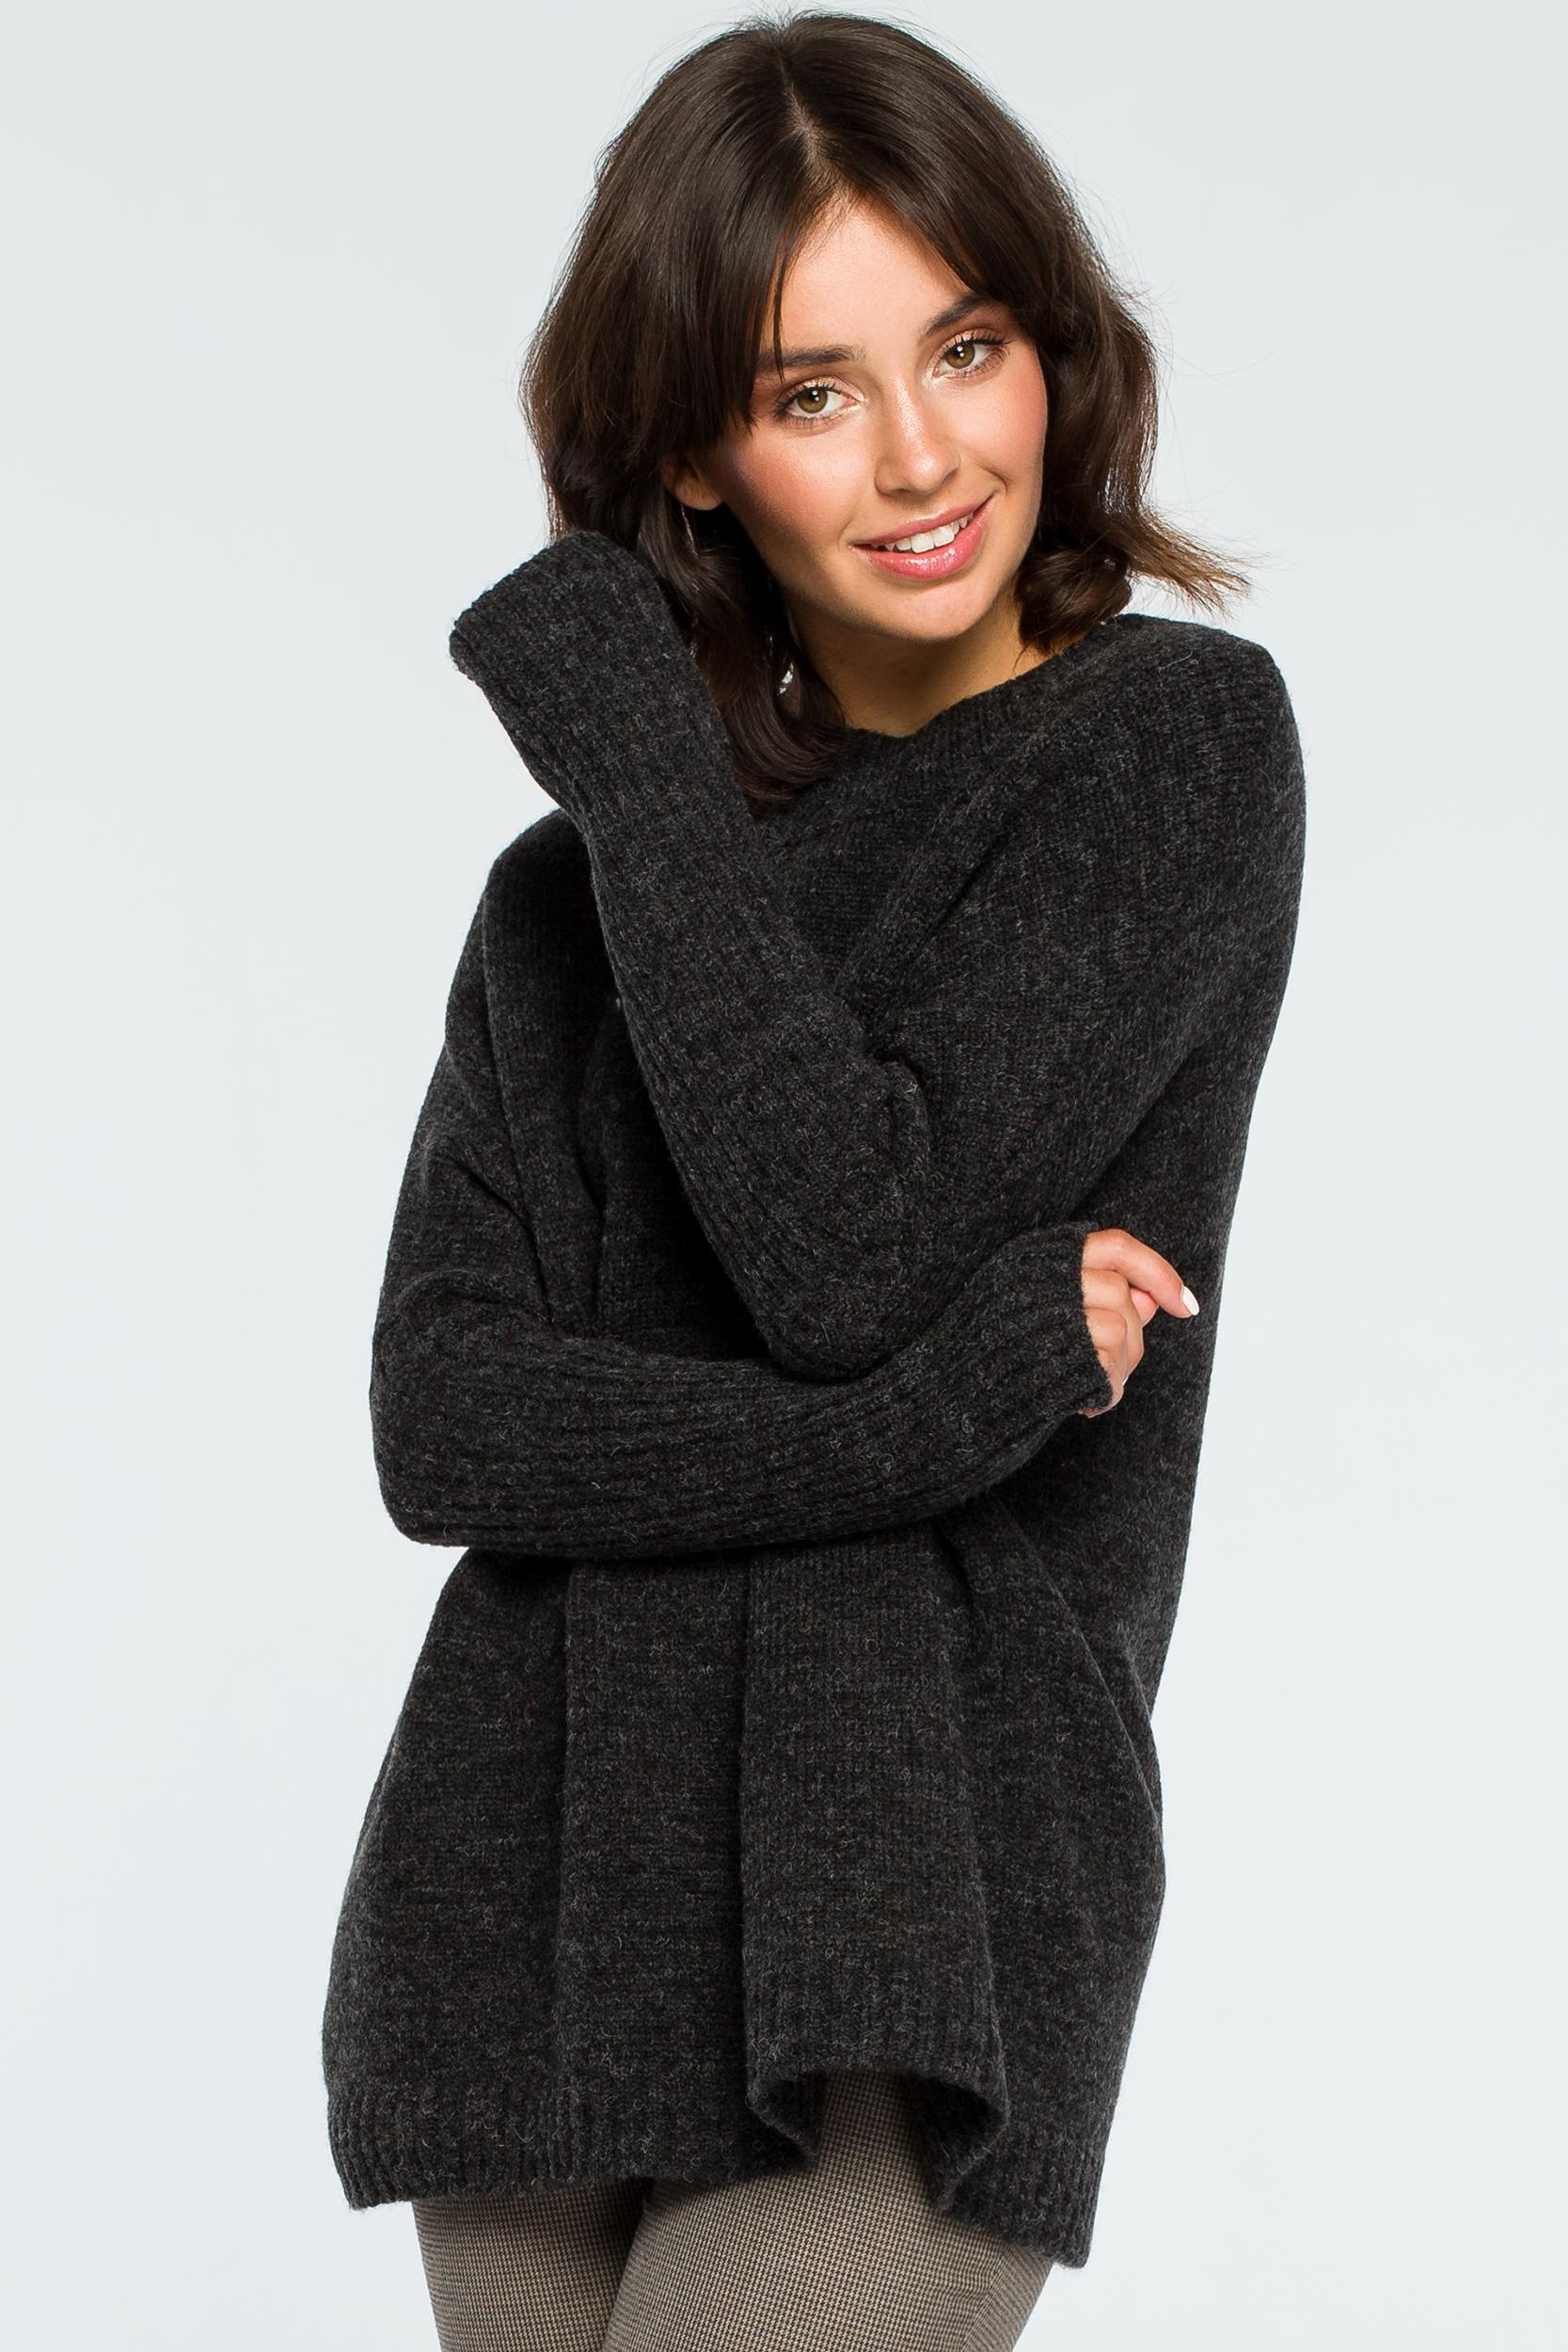 Pullover in Anthrazit Vorderansicht  verschränkt